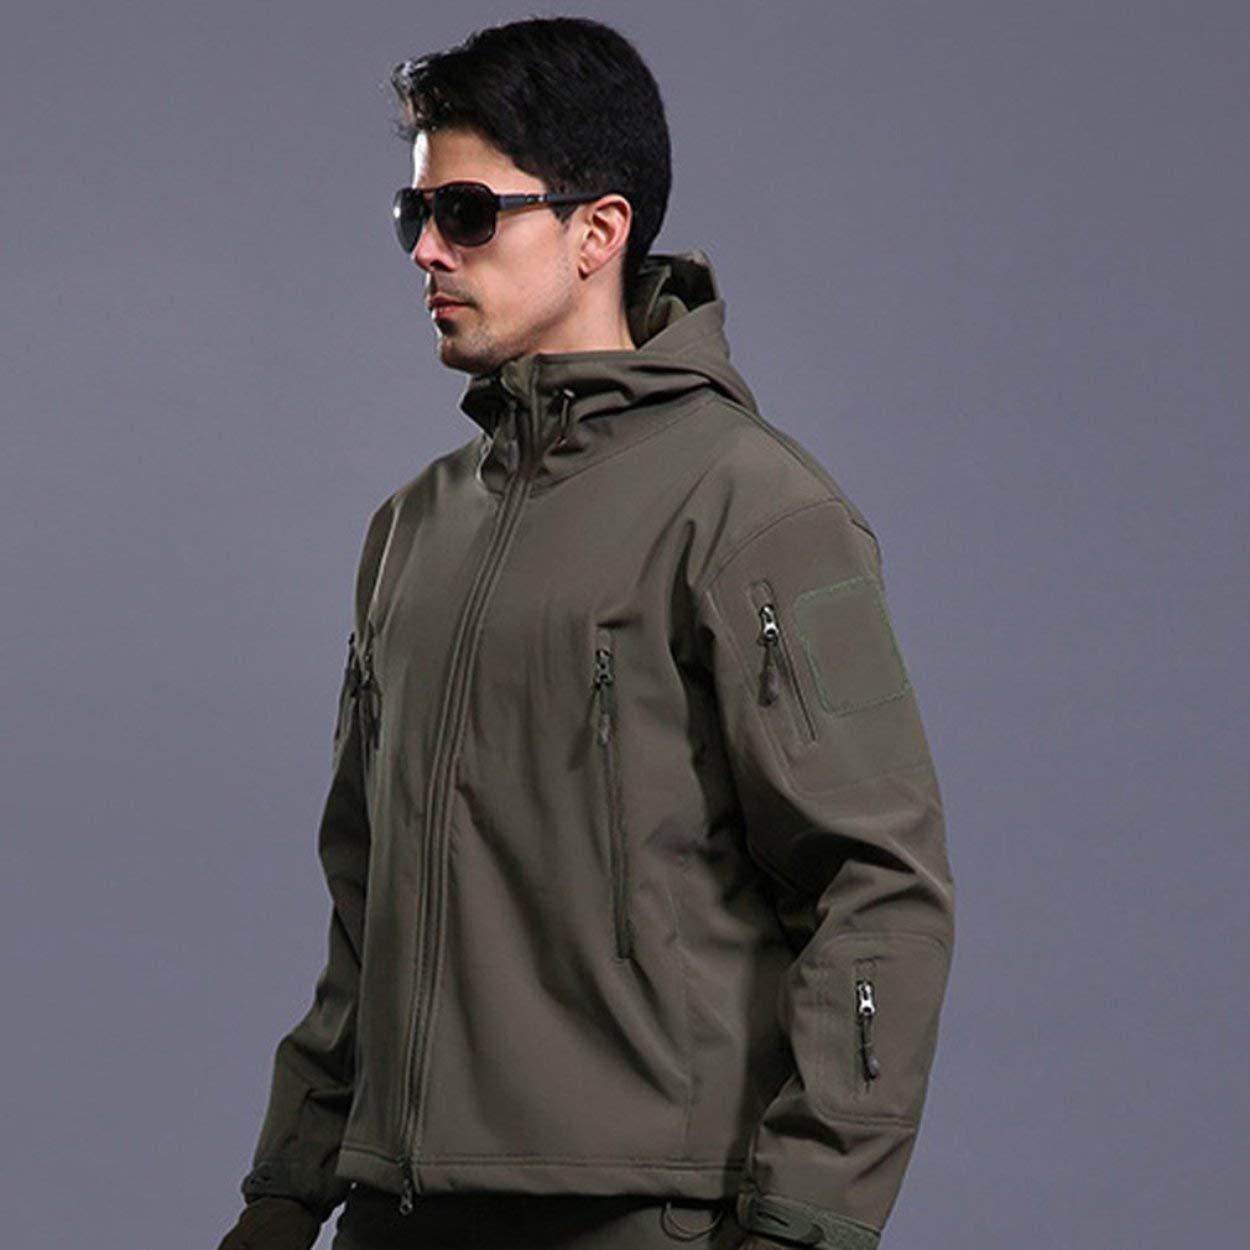 Lorenlli Transpirable Hombres Chaqueta Militar táctica al Libre Aire Libre al Impermeable a Prueba de Viento Mantener Caliente de Manga Larga con Capucha Abrigo Outwear Caliente 5d5898